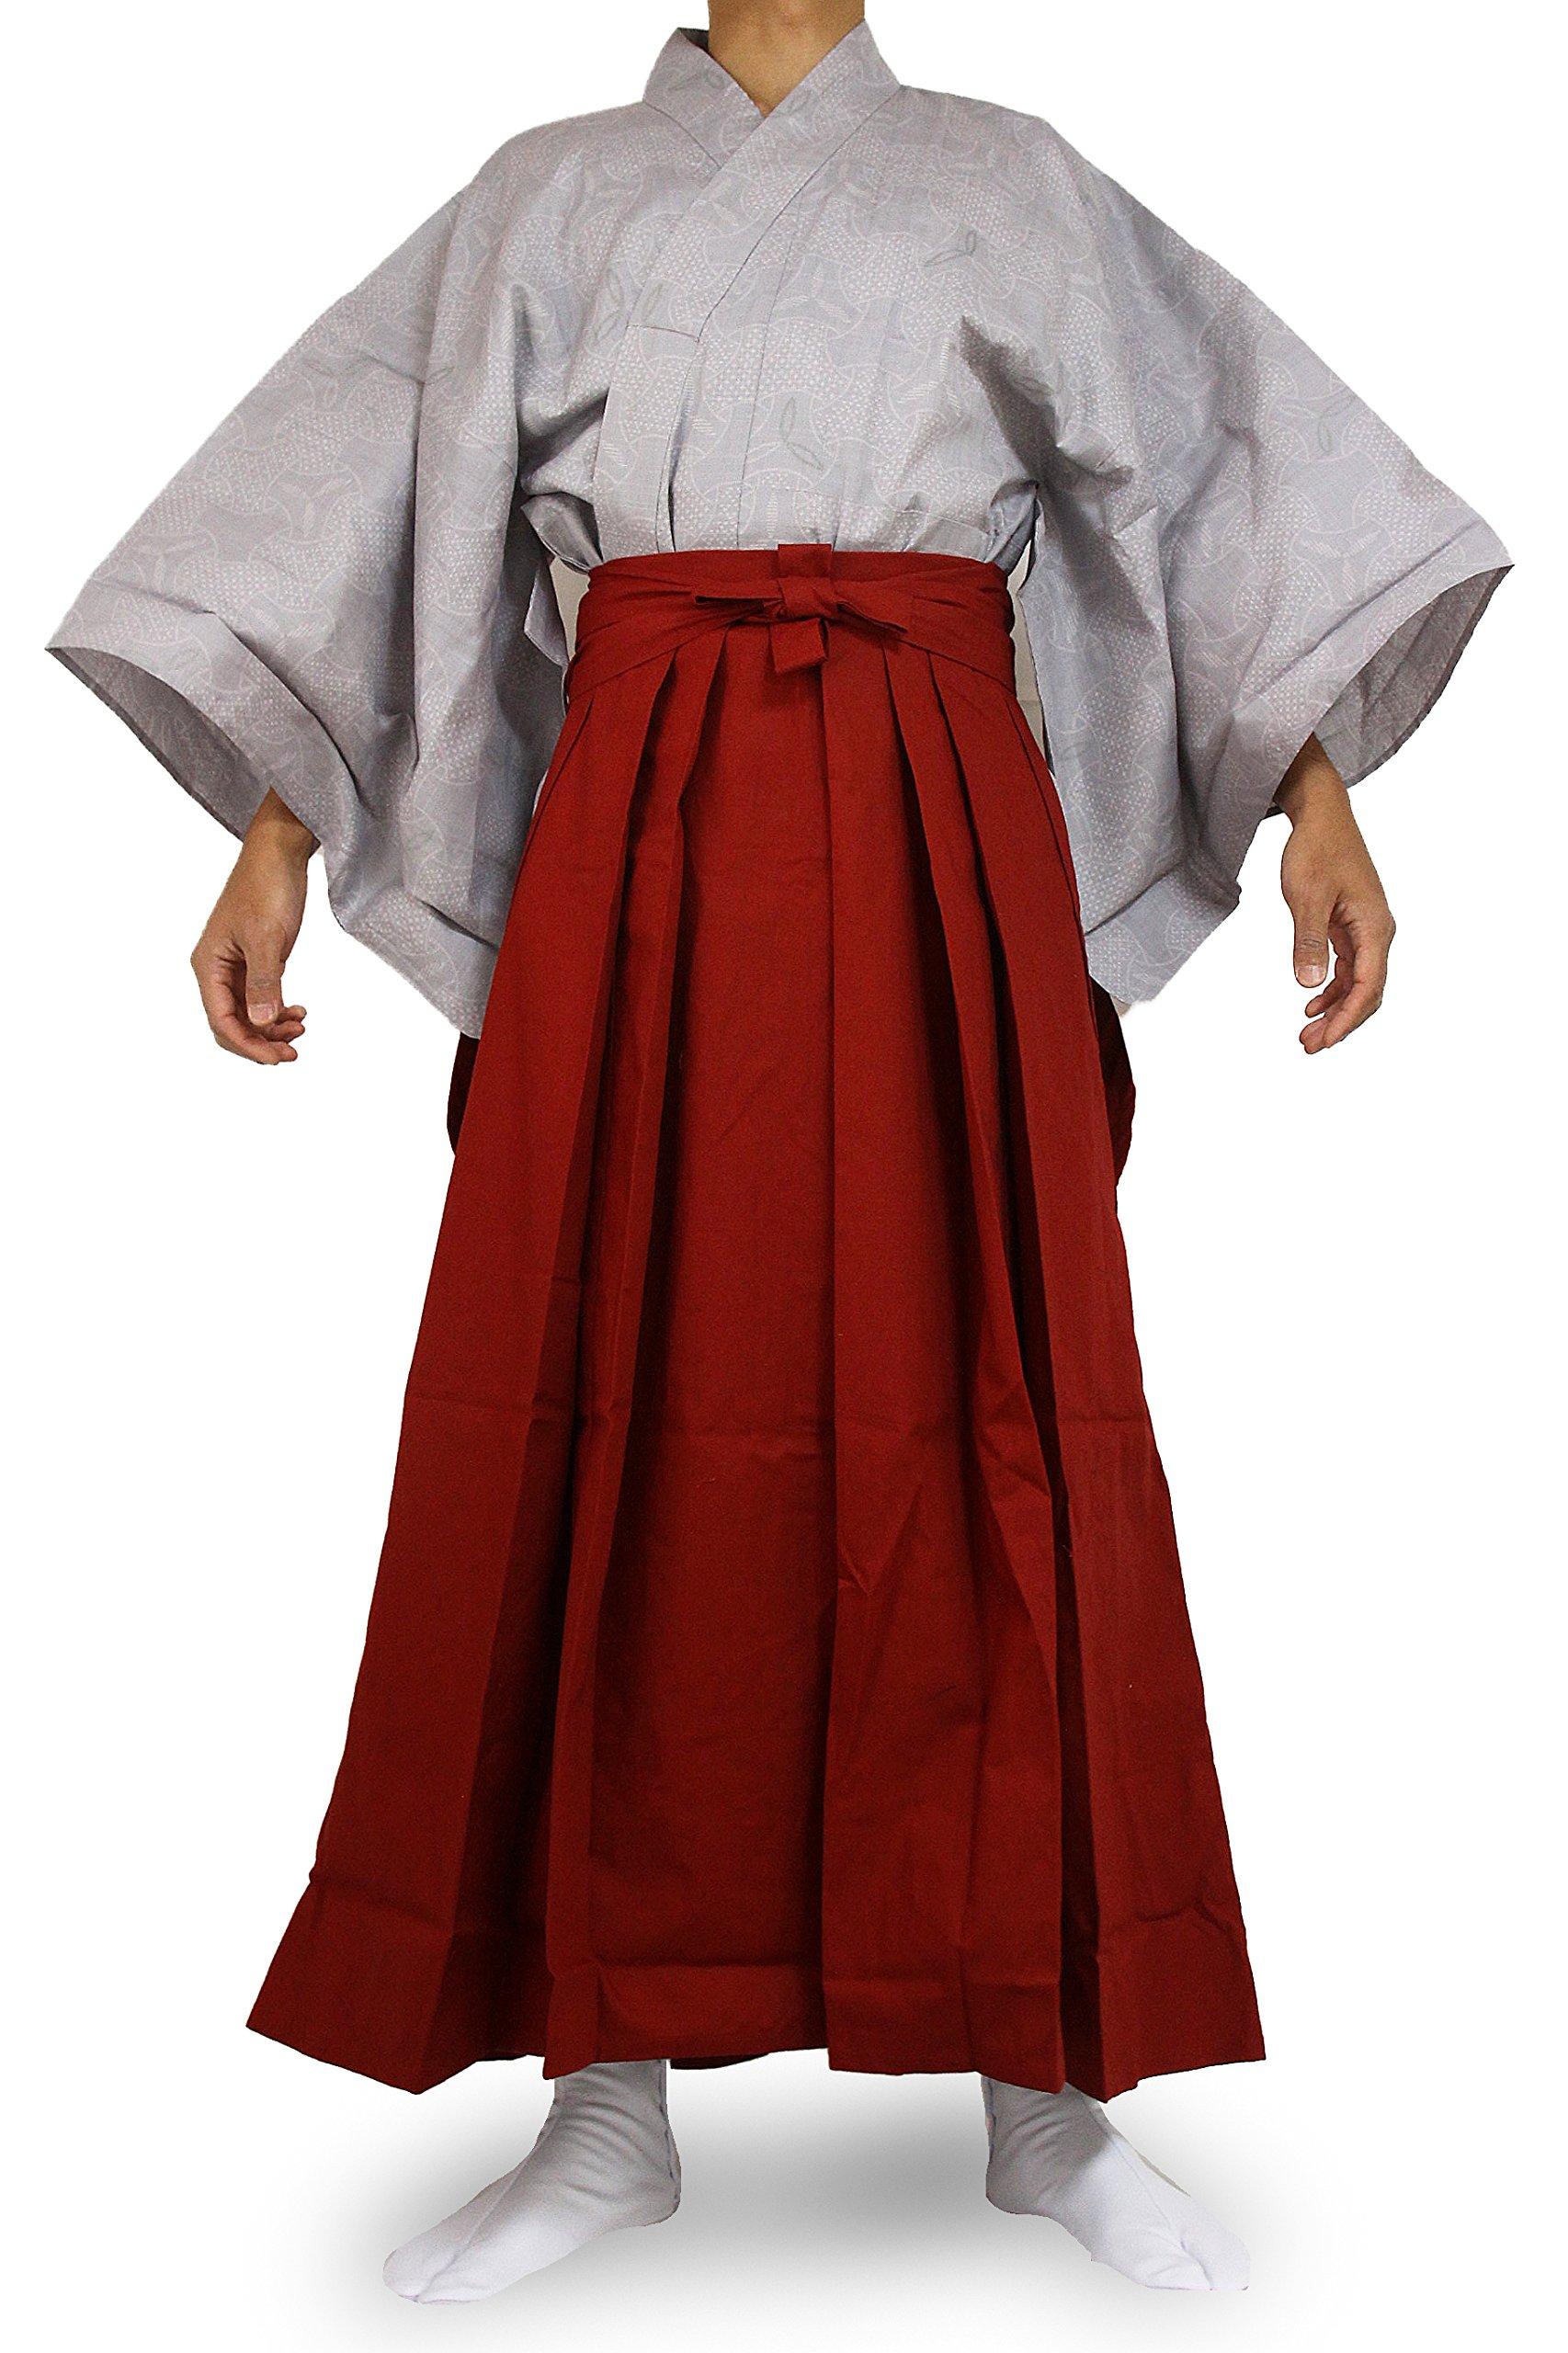 Edoten Japanese Samurai Hakama Uniform 1773GY-RD XL